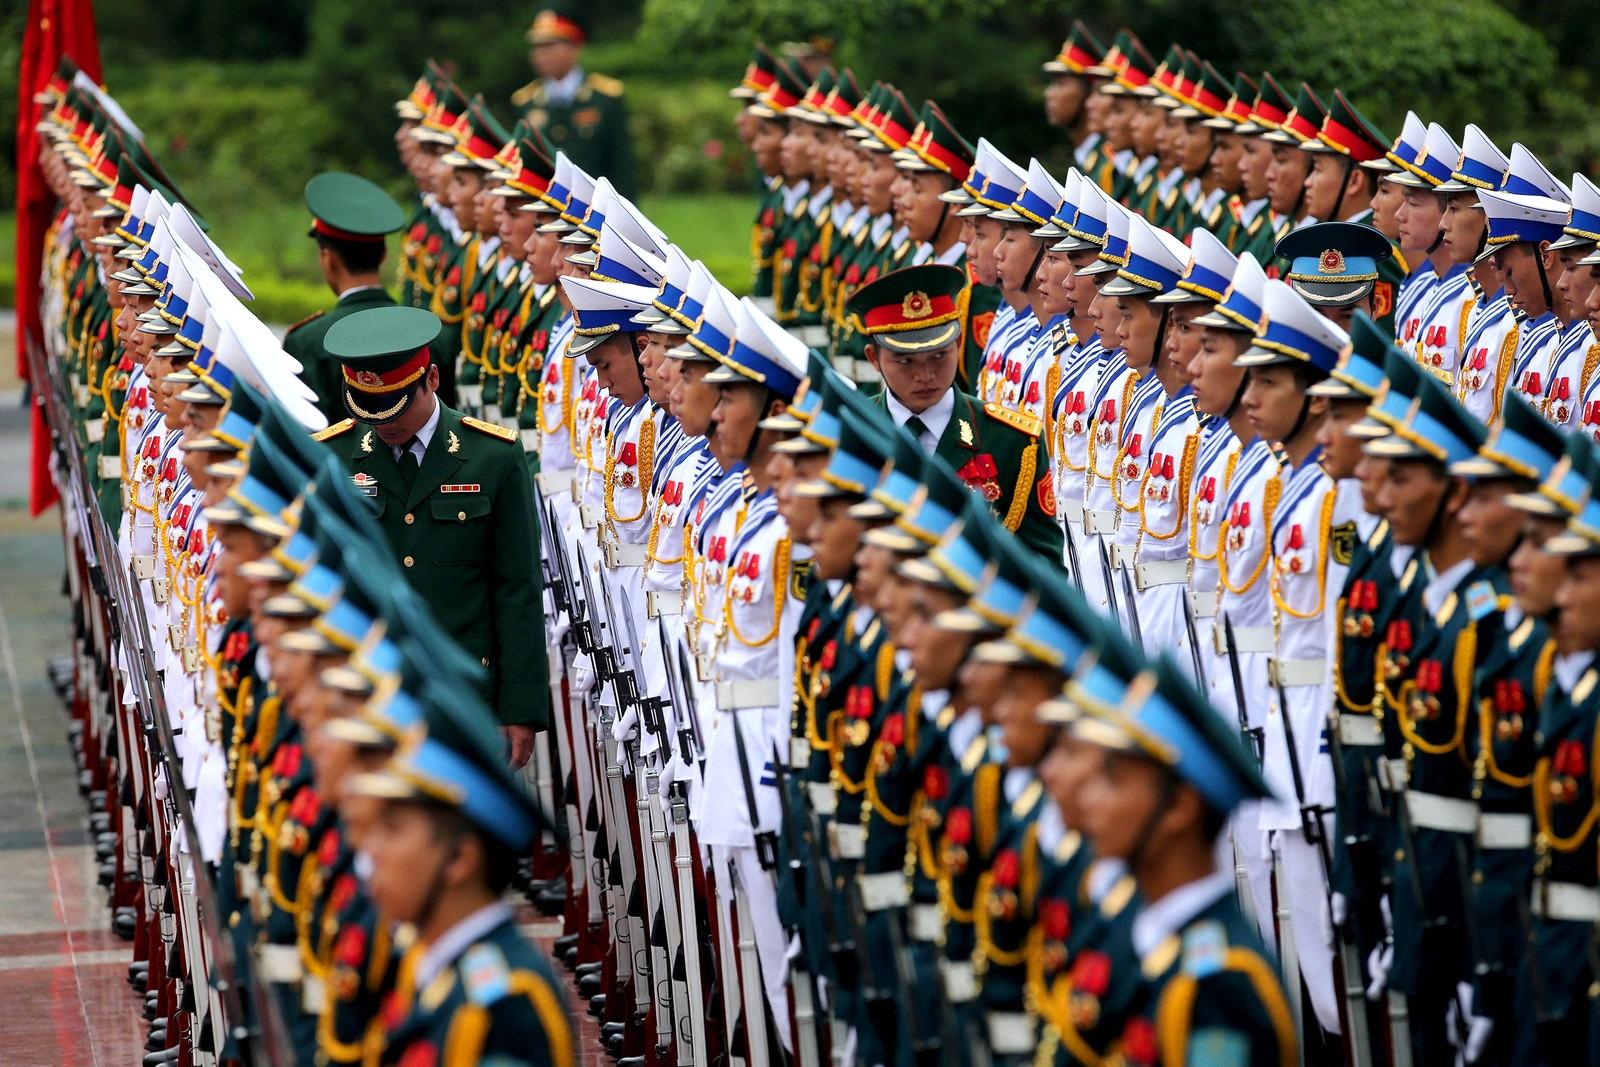 Nesten alle helt rett på en linje. Soldater står æresvakt i Hanoi i Vietnam den 5. september. Frankrikes president Francois Hollande er på besøk i landet i to dager.